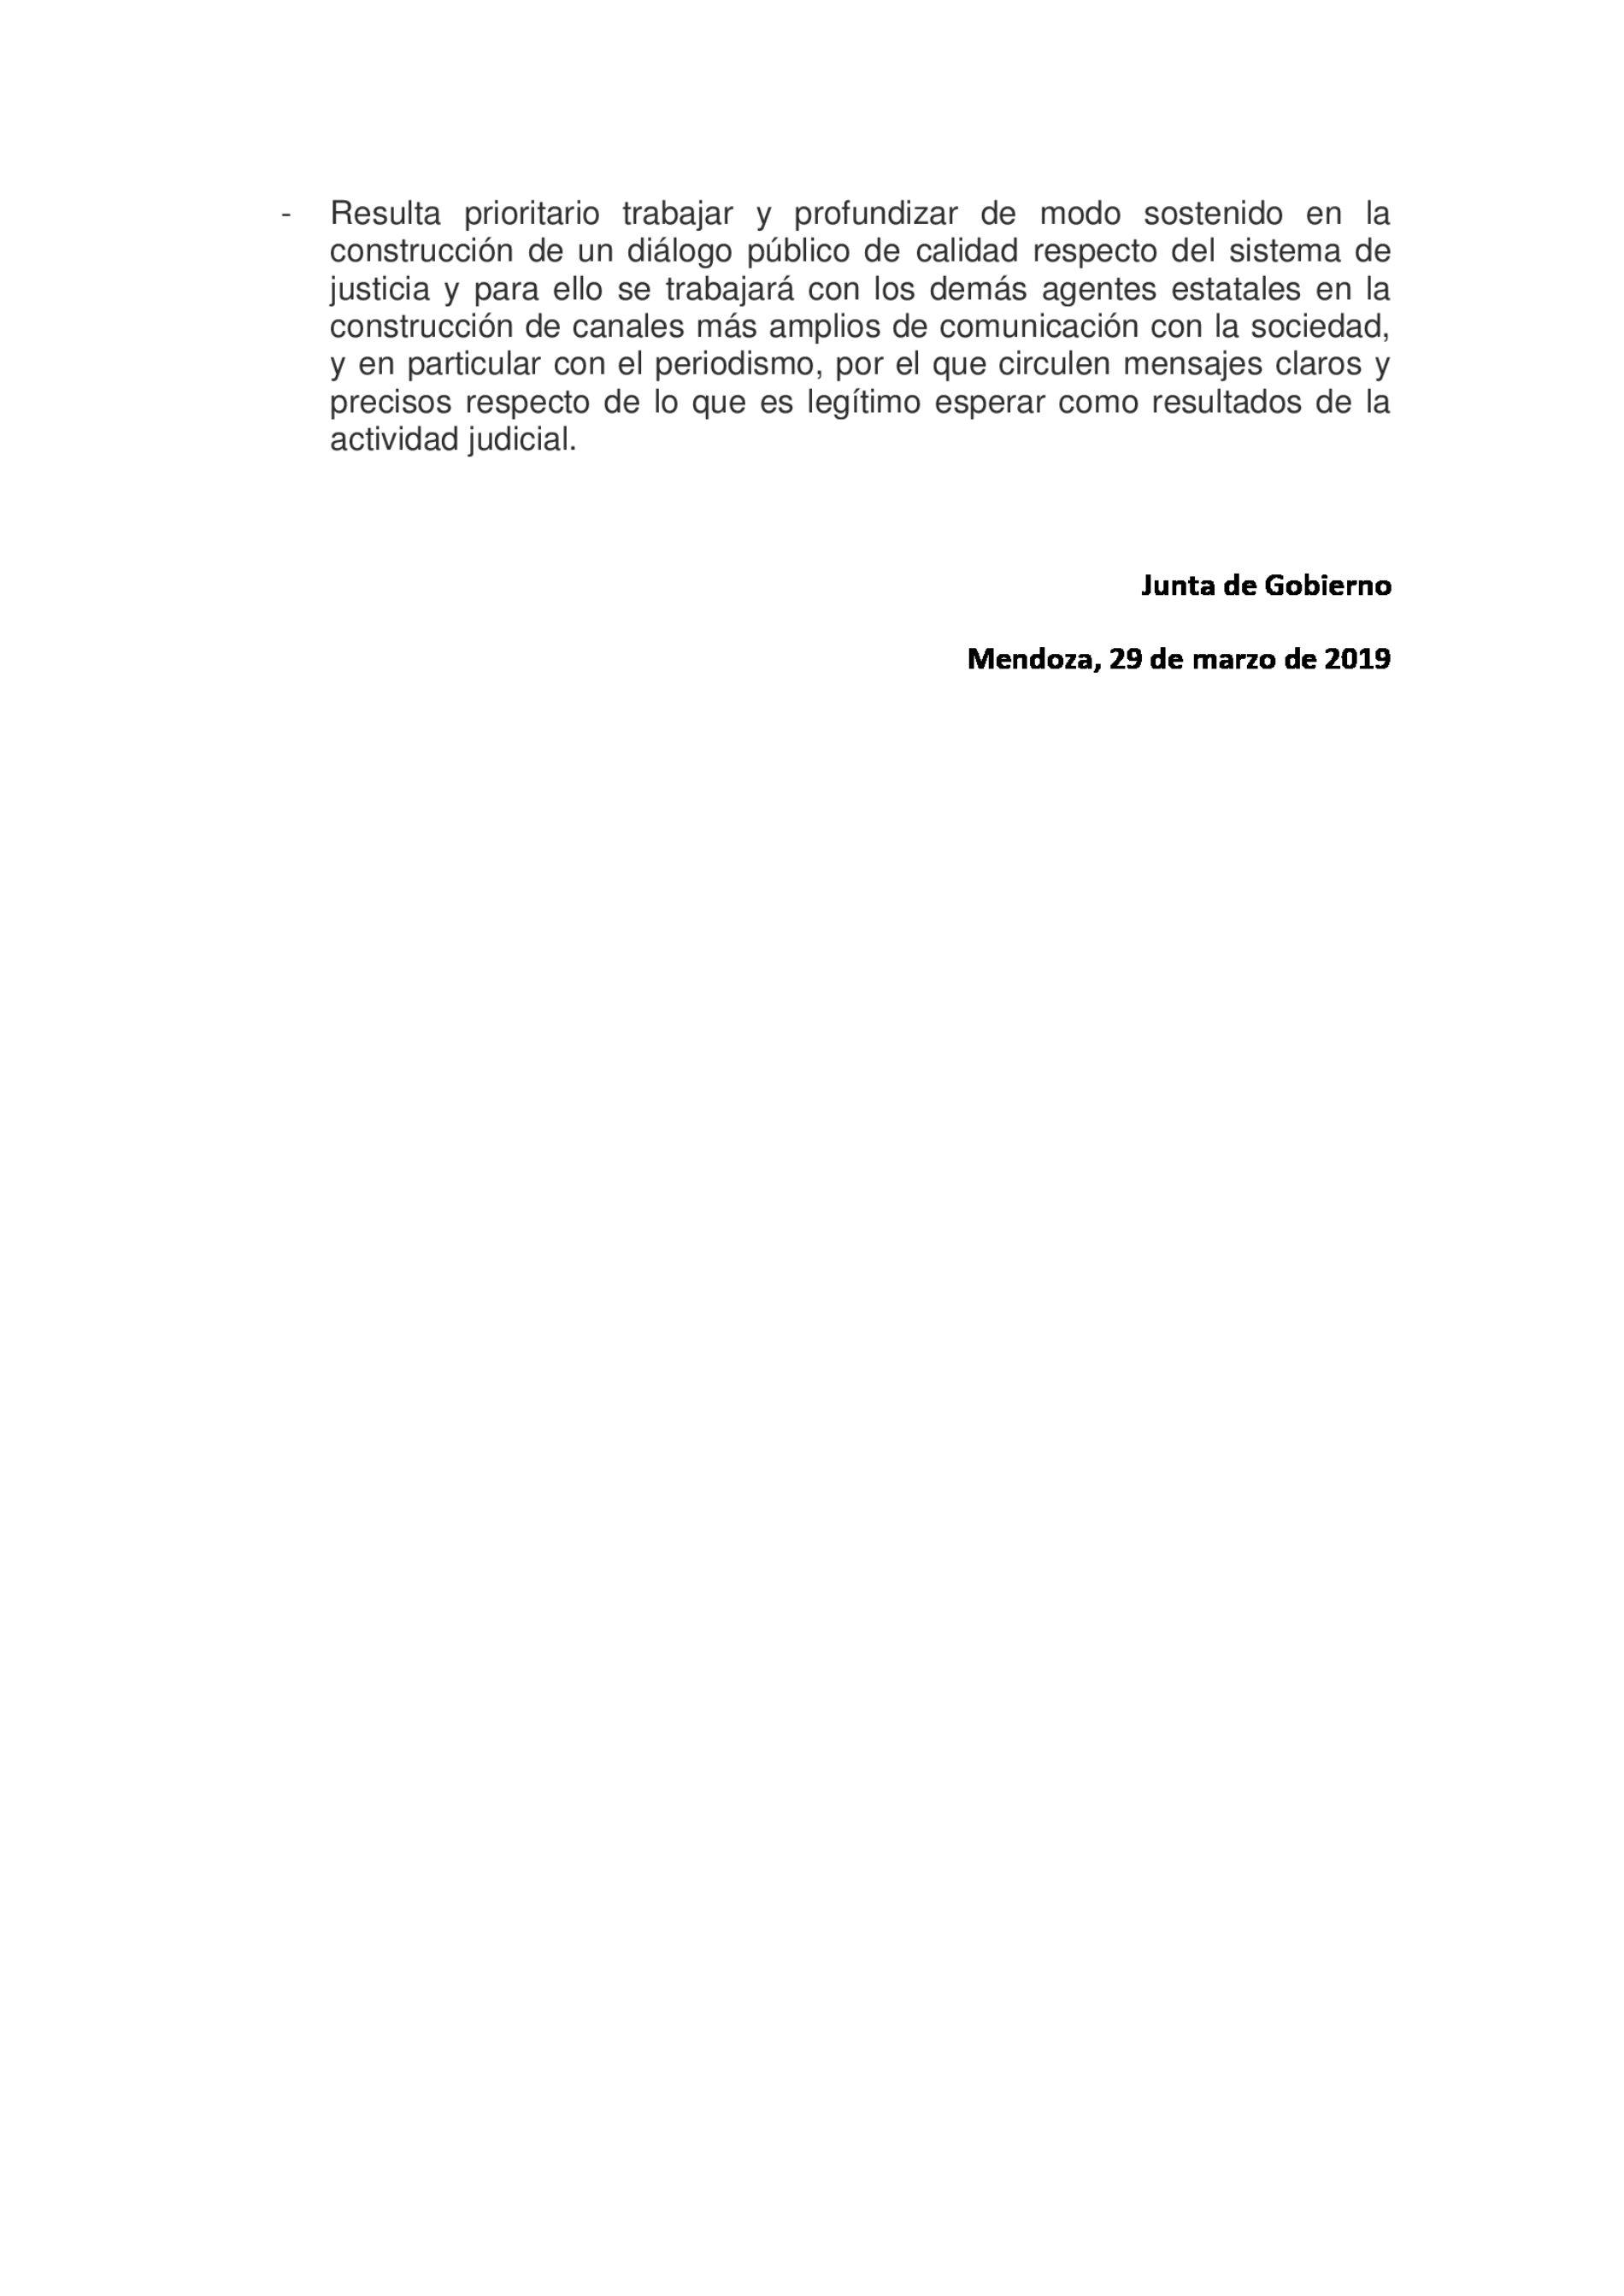 Comunicado FAM (Federación Argentina de la Magistratura y la Función Judicial)